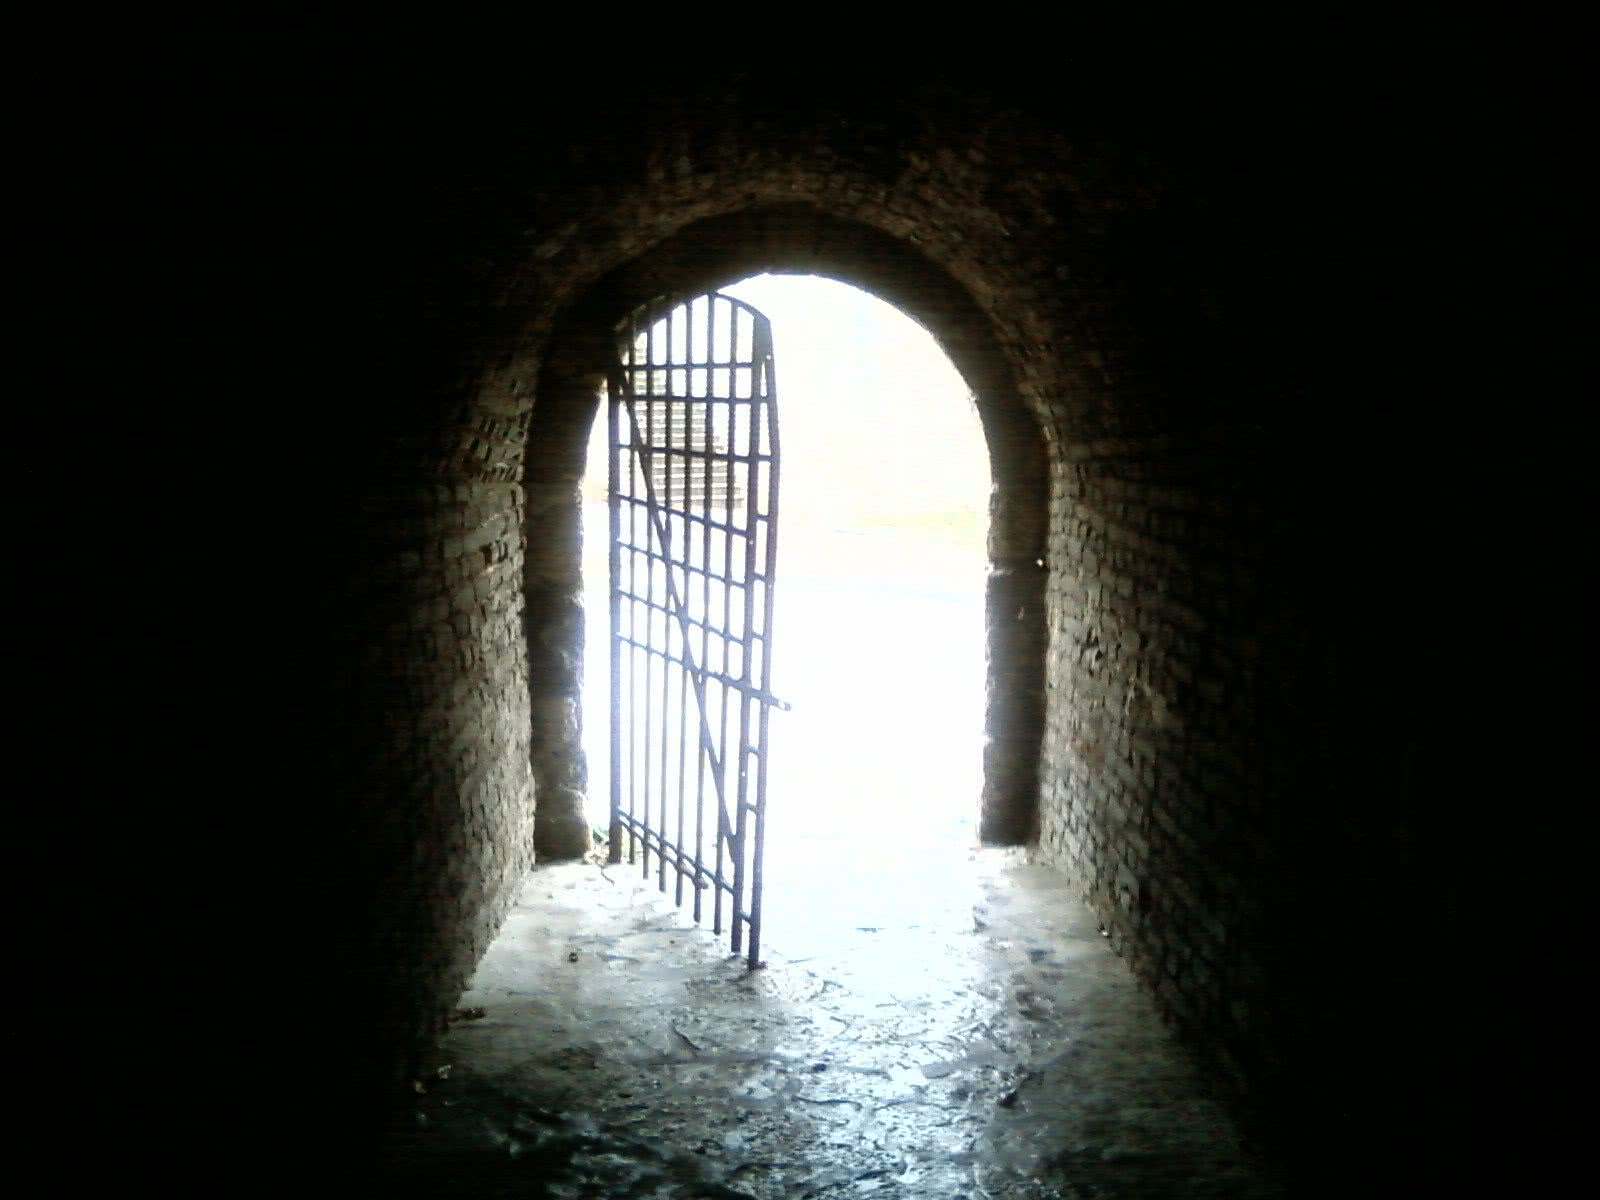 Dark room with light through door - Dark Room With Light Through Door